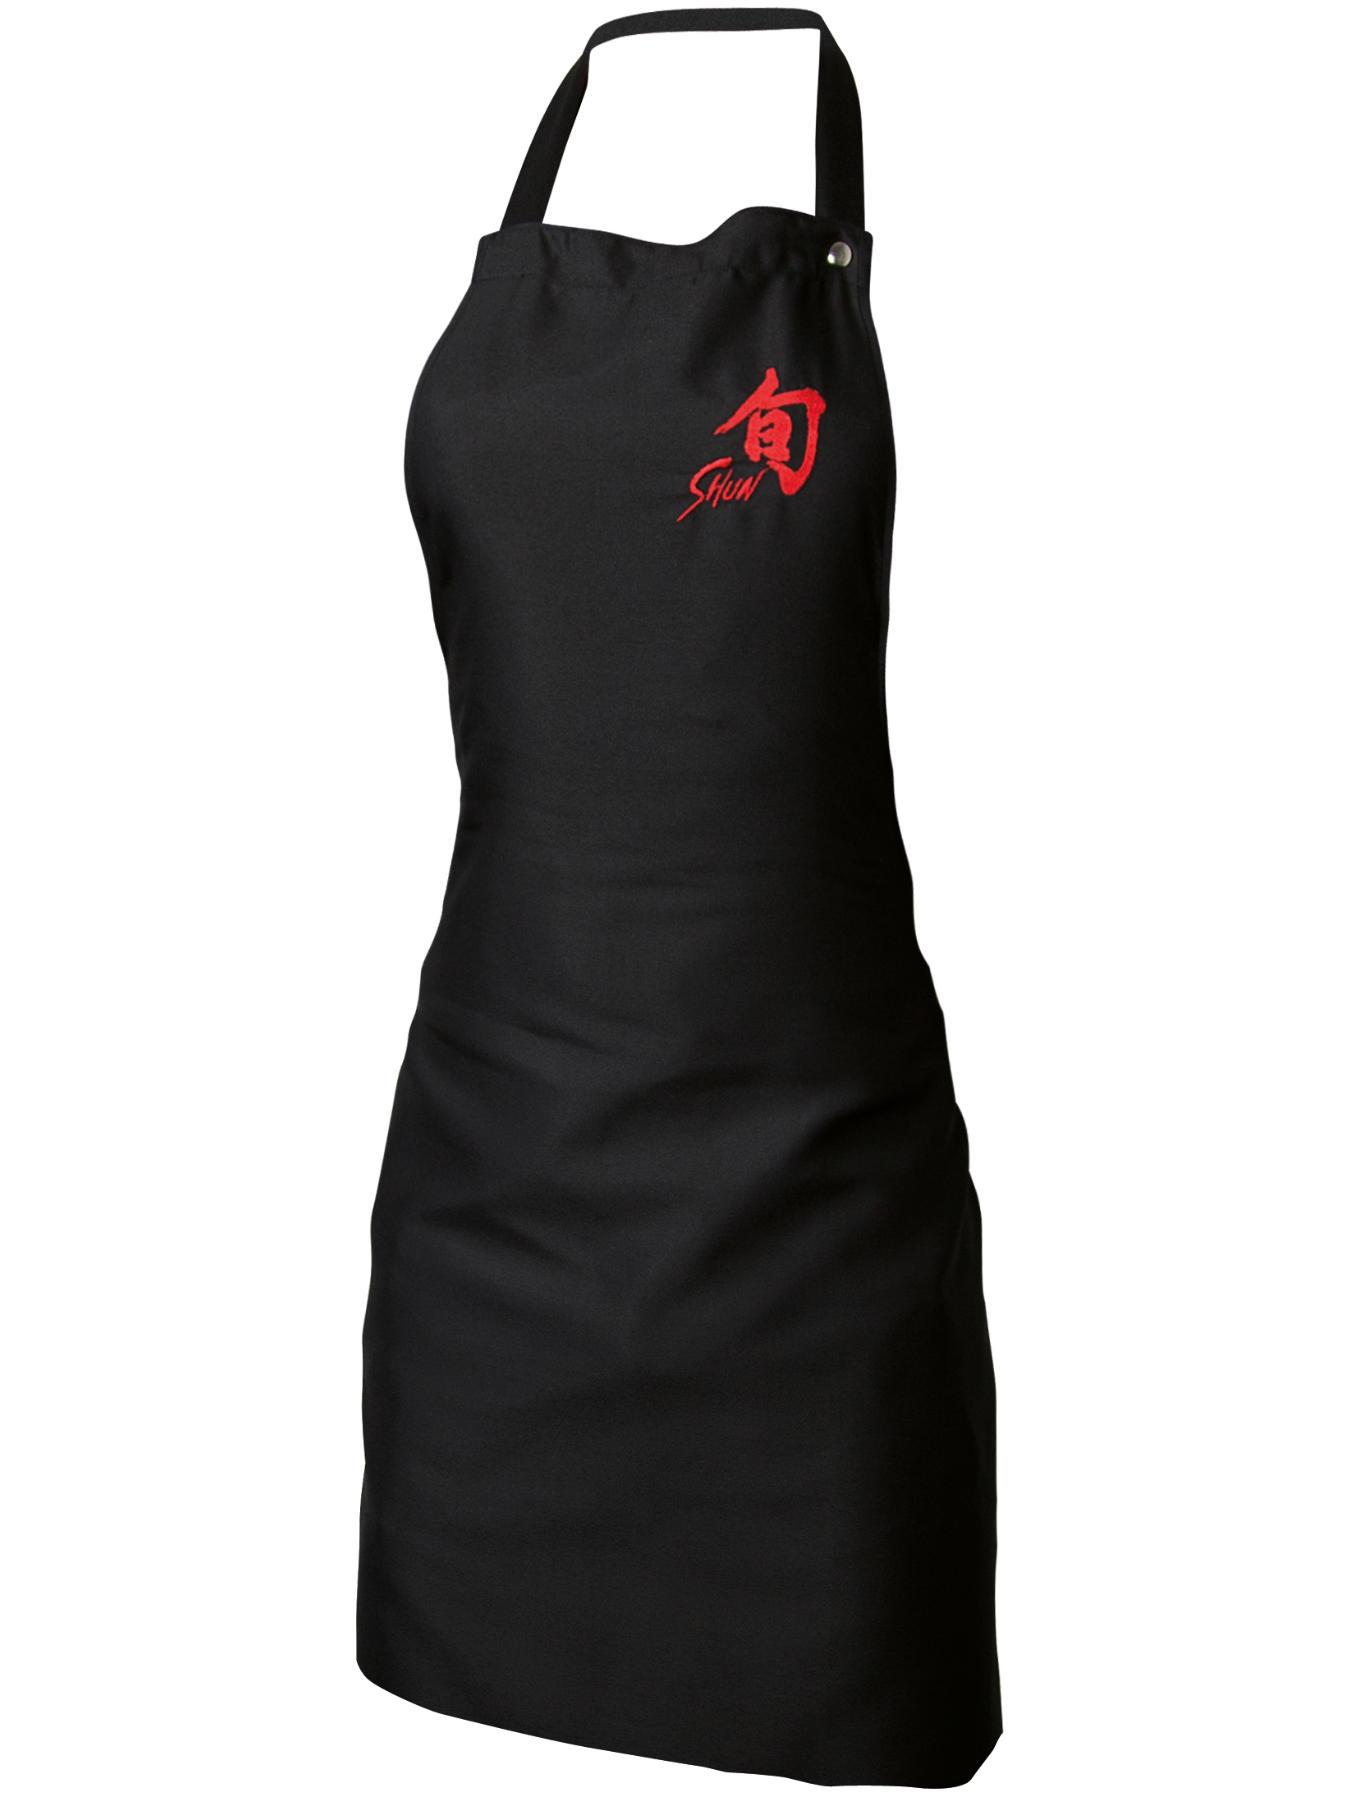 KAI Shun Kochschürze 43070060